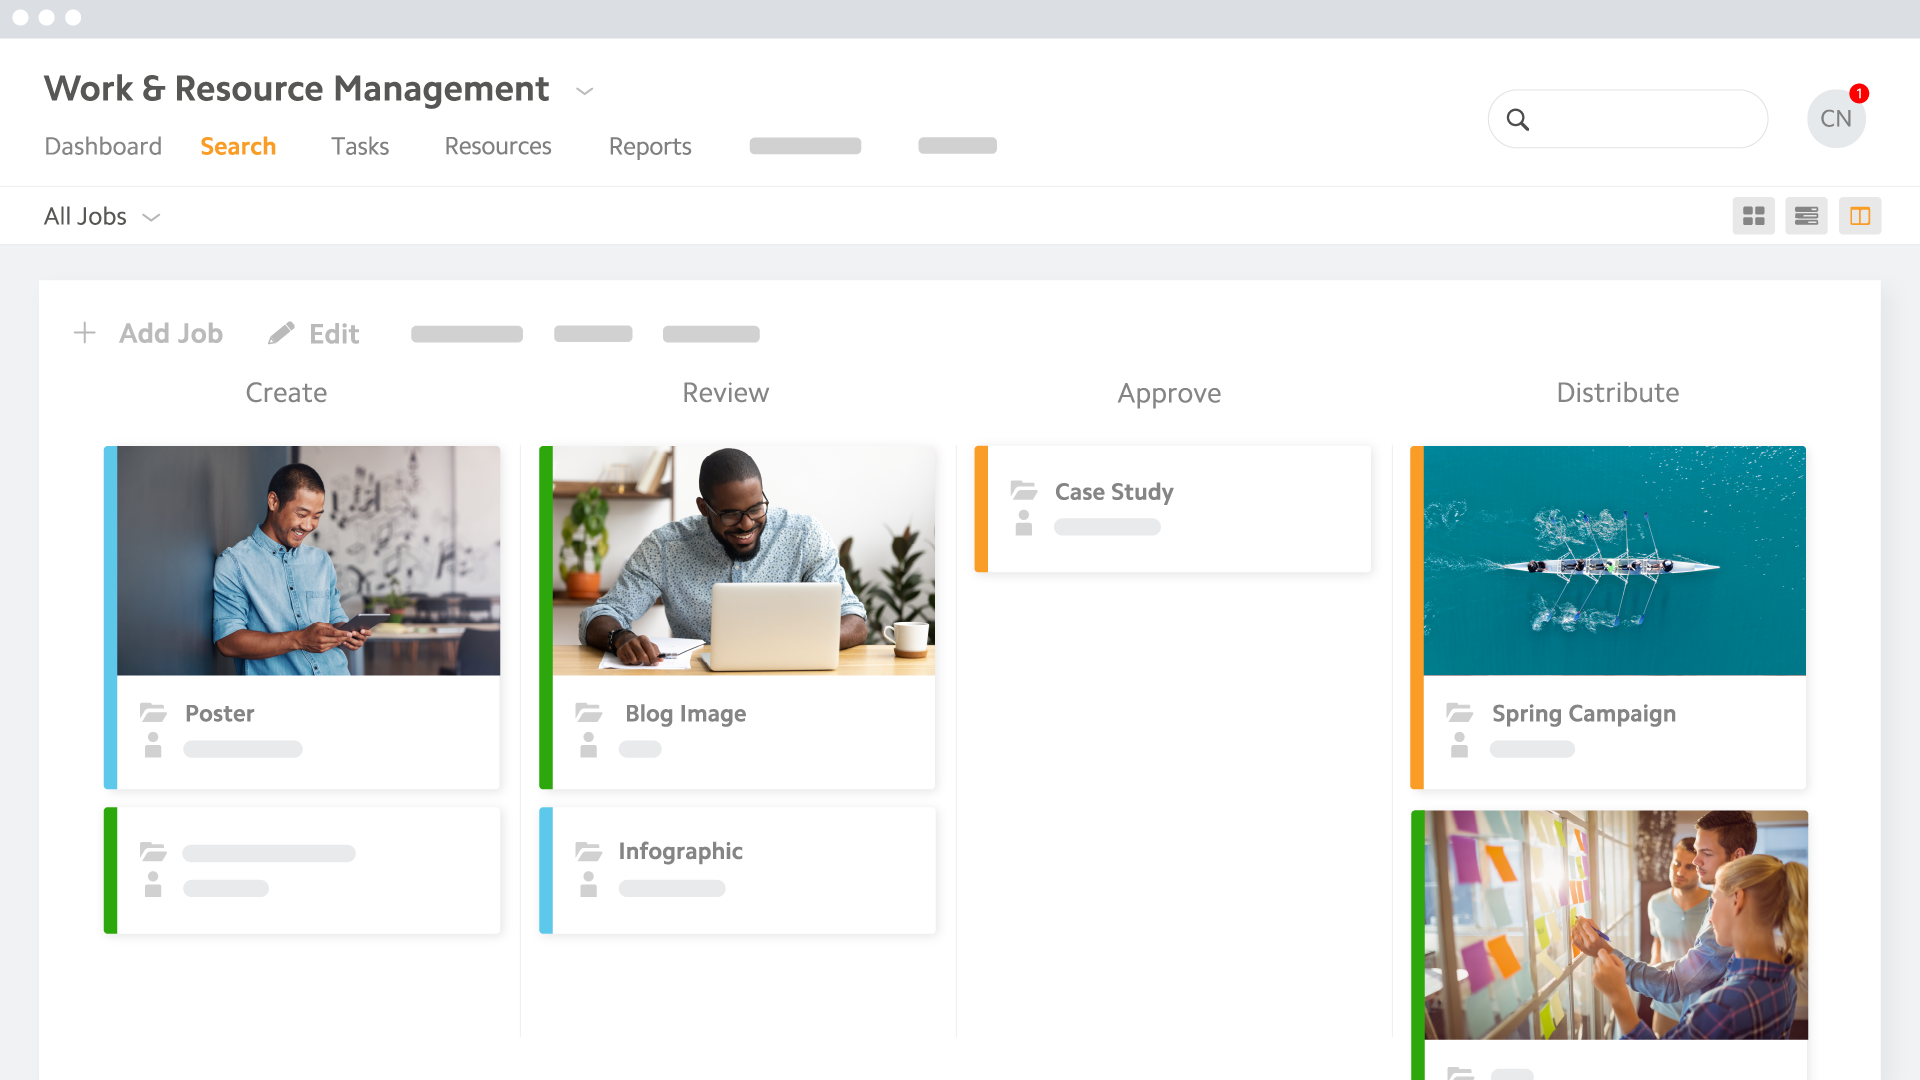 BrandMaker Work & Resource Management